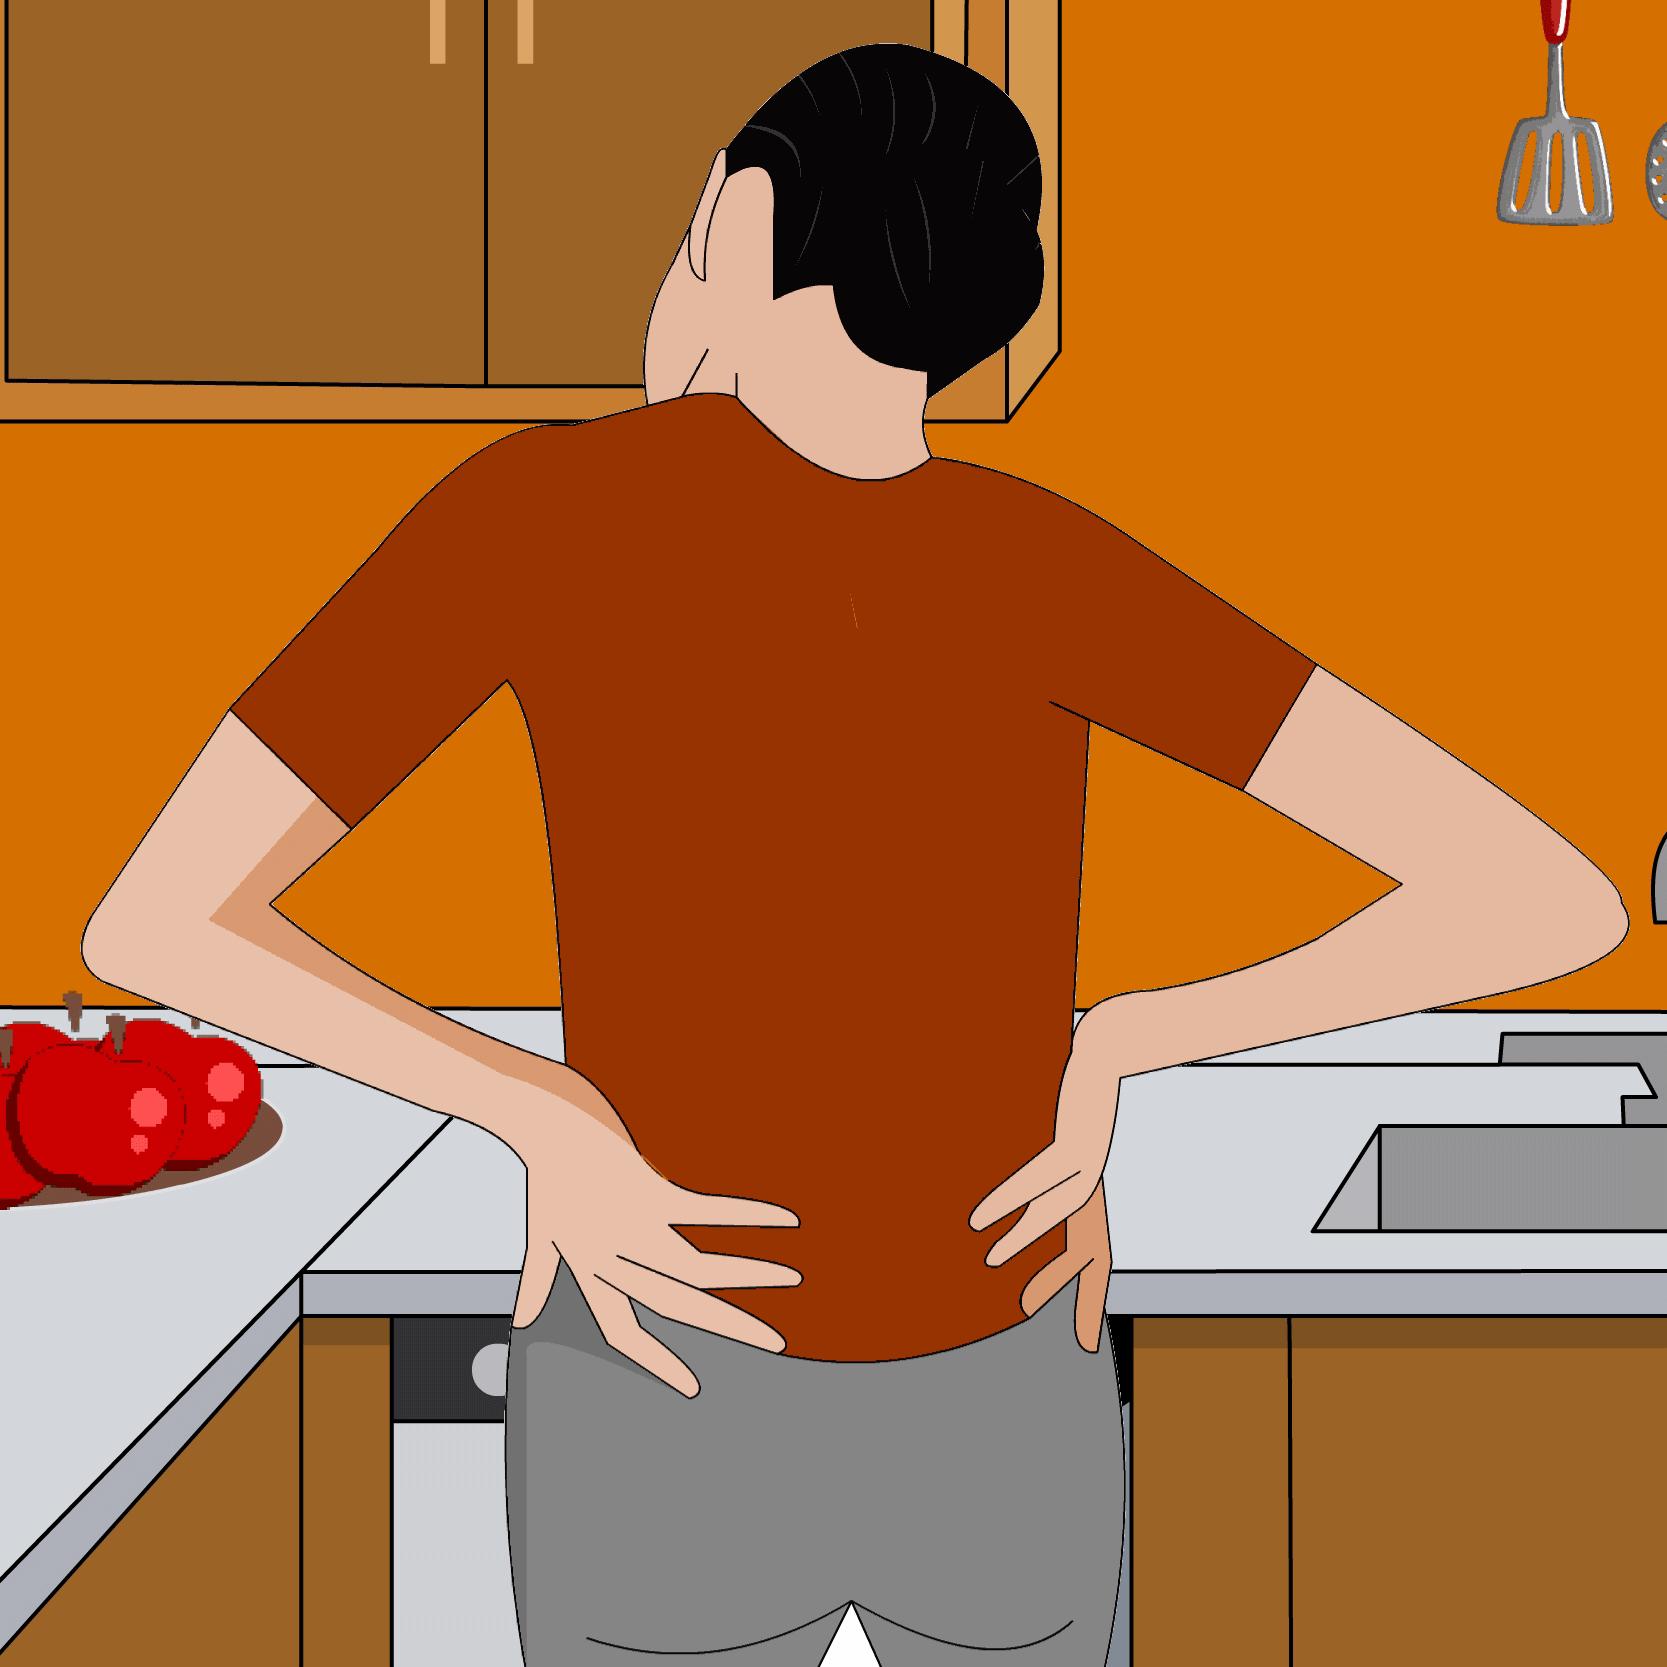 küchenarbeit als häufige ursache für nackenschmerzen - Küche Arbeit